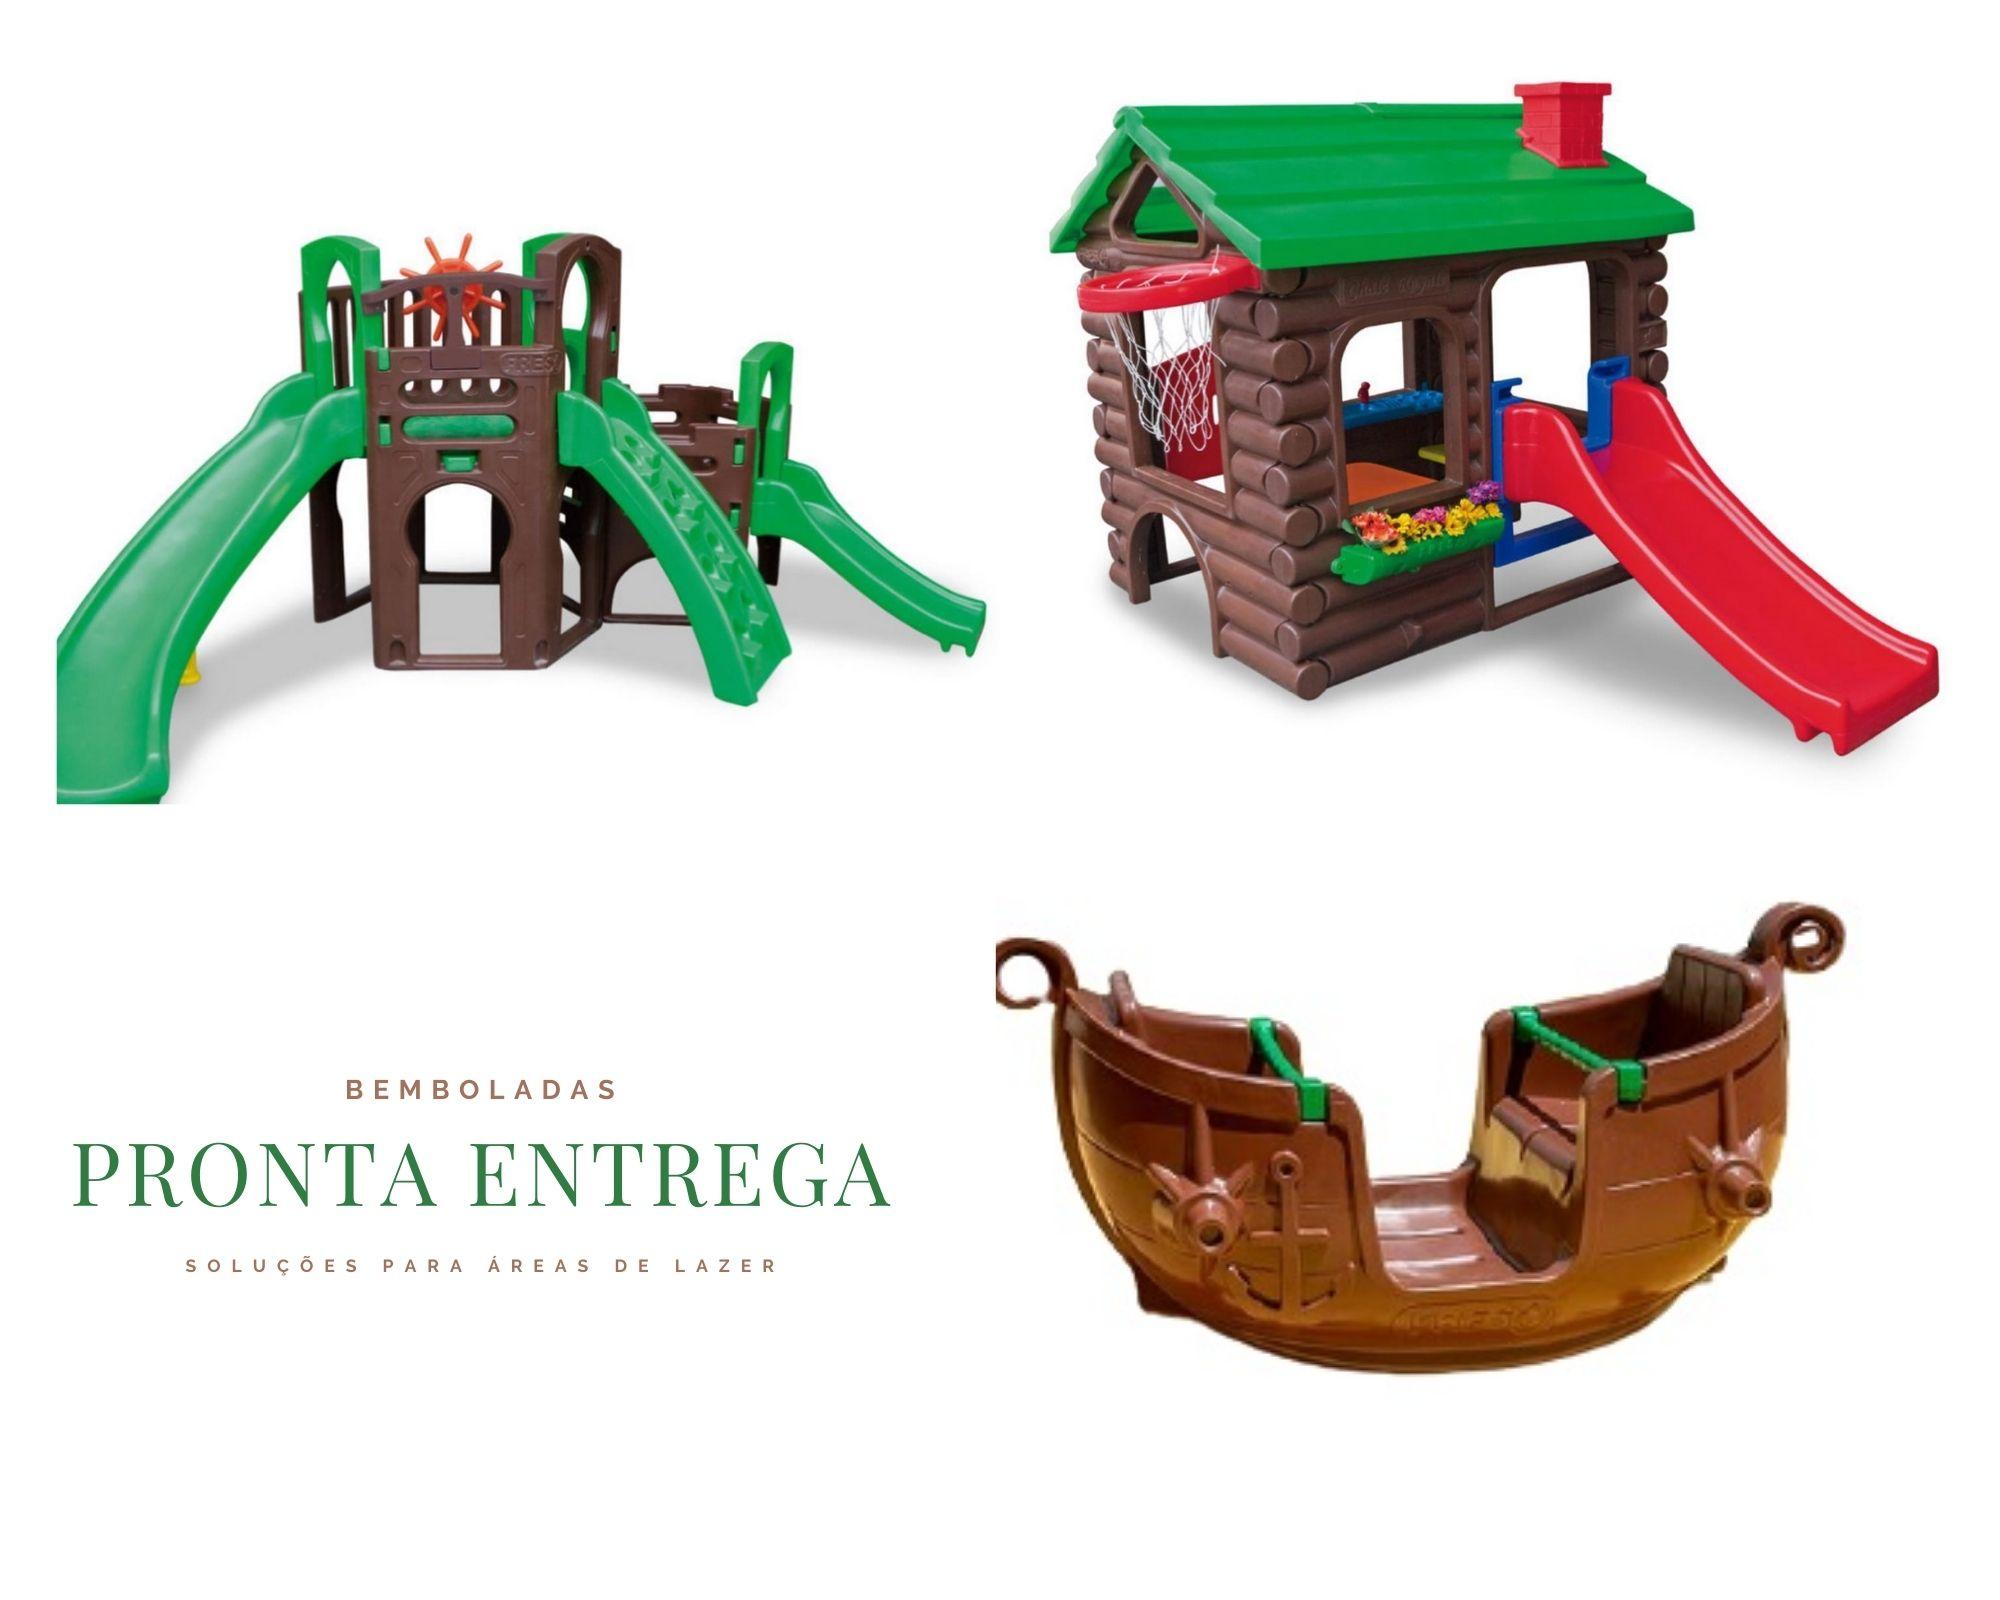 Kit Playground V - Bemboladas